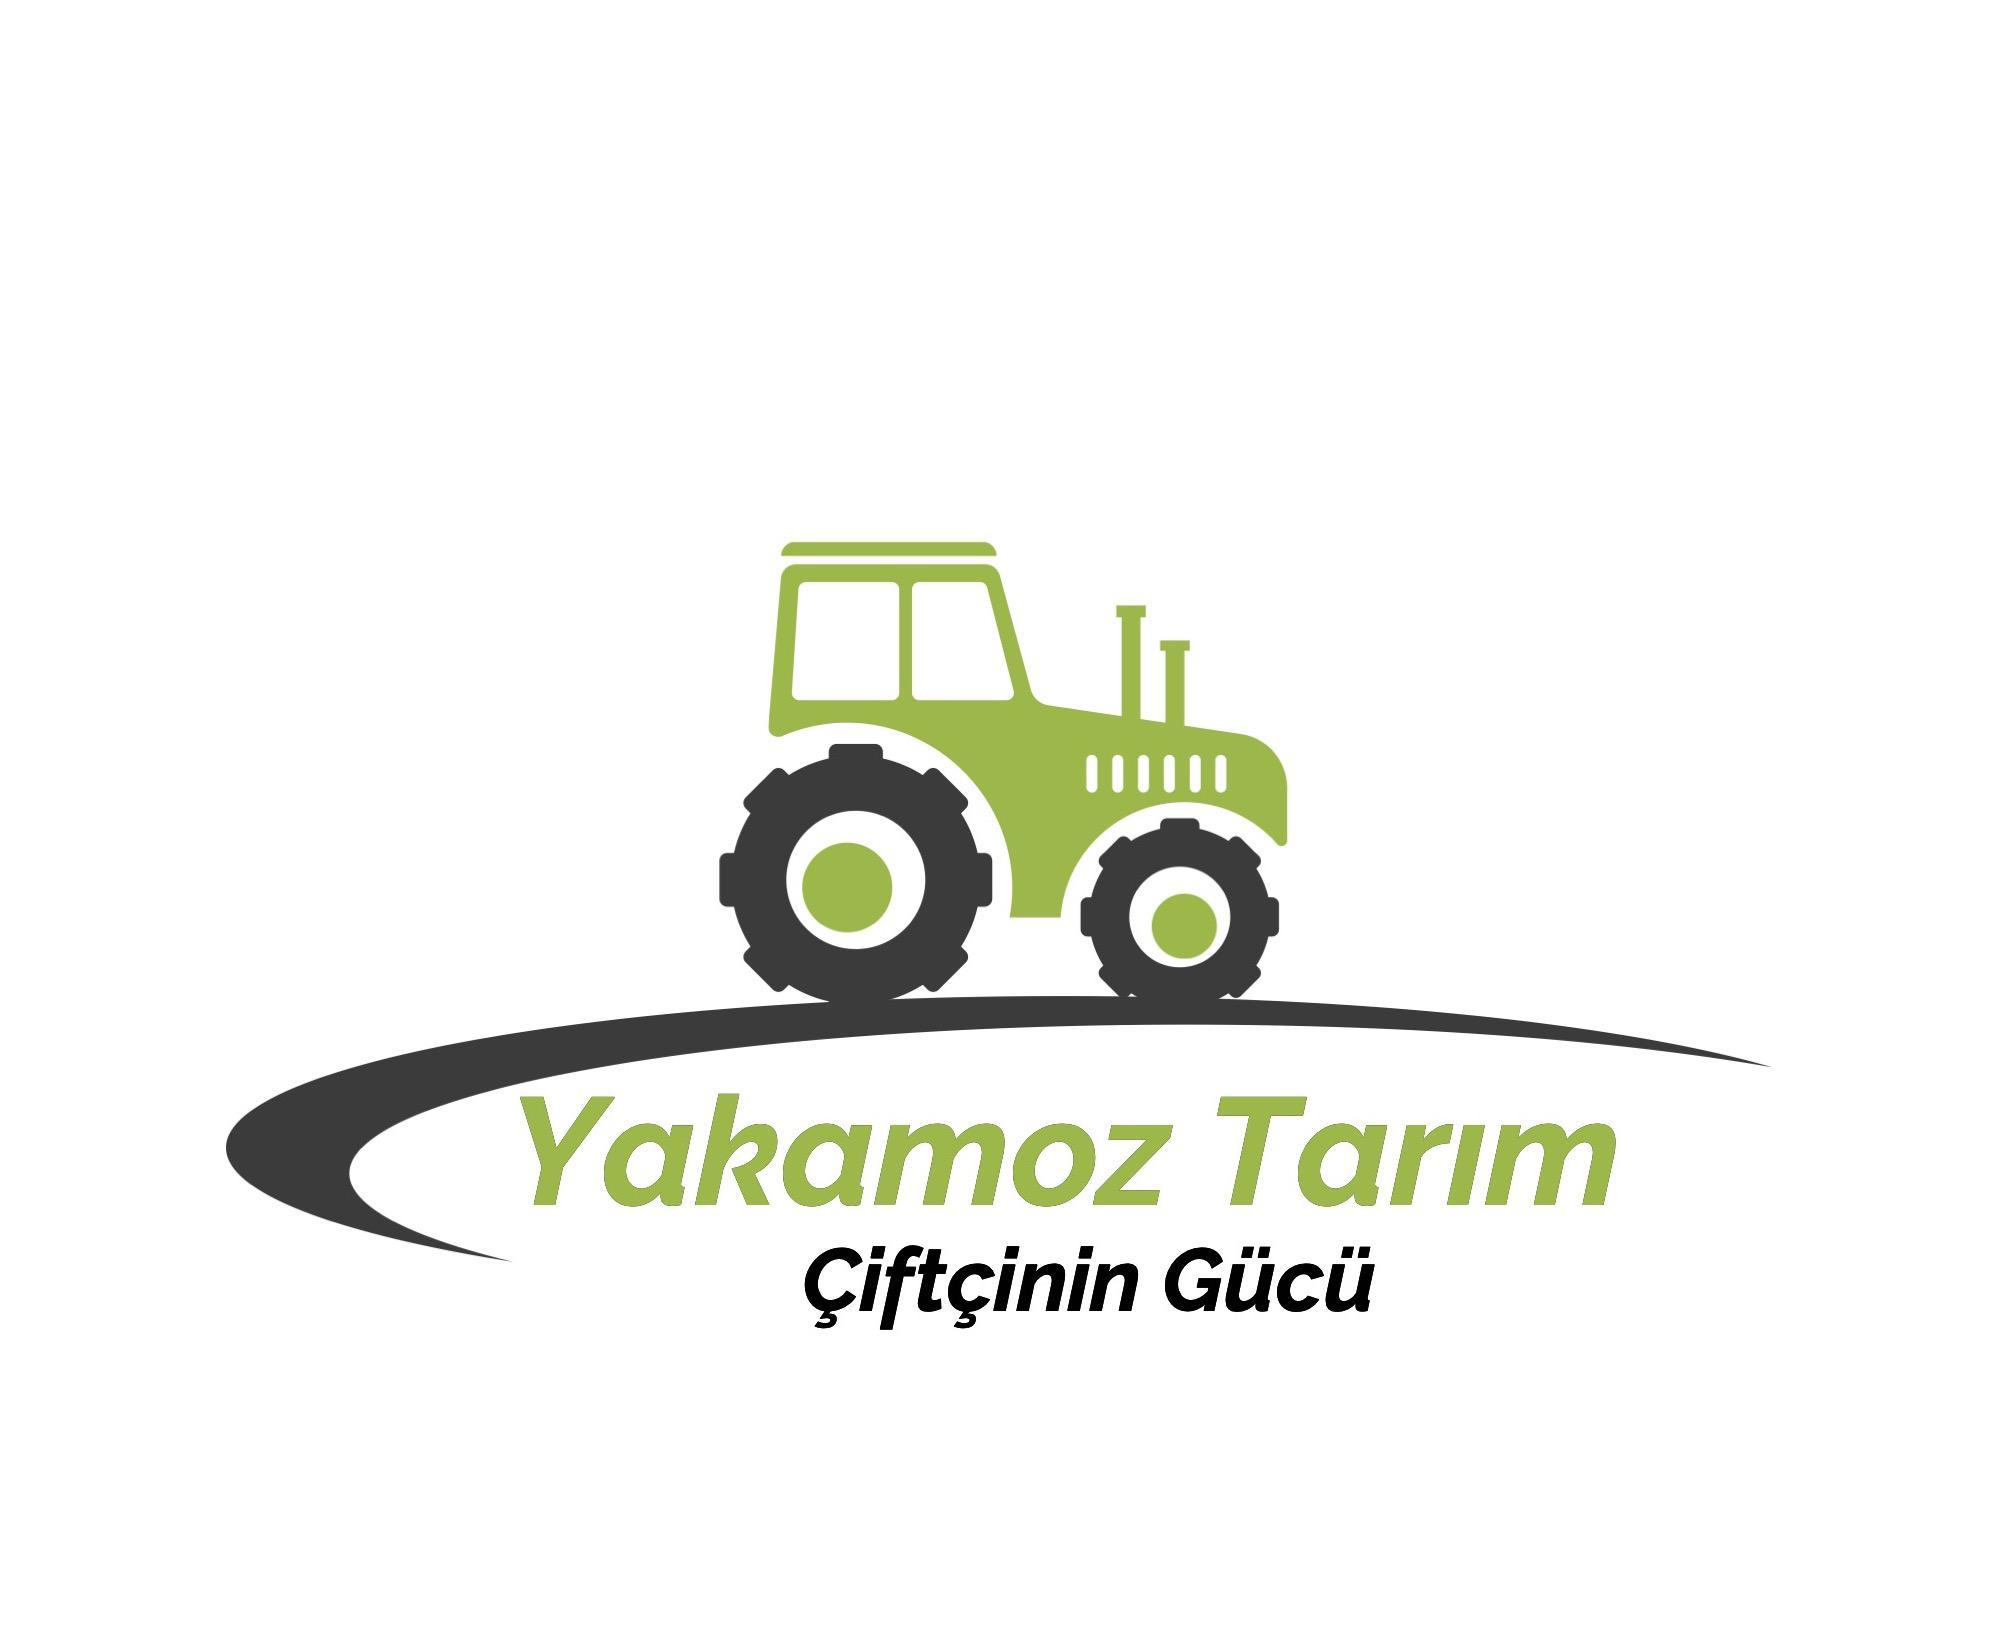 Yakamoz Tarım Ürünleri - tarimziraat.com